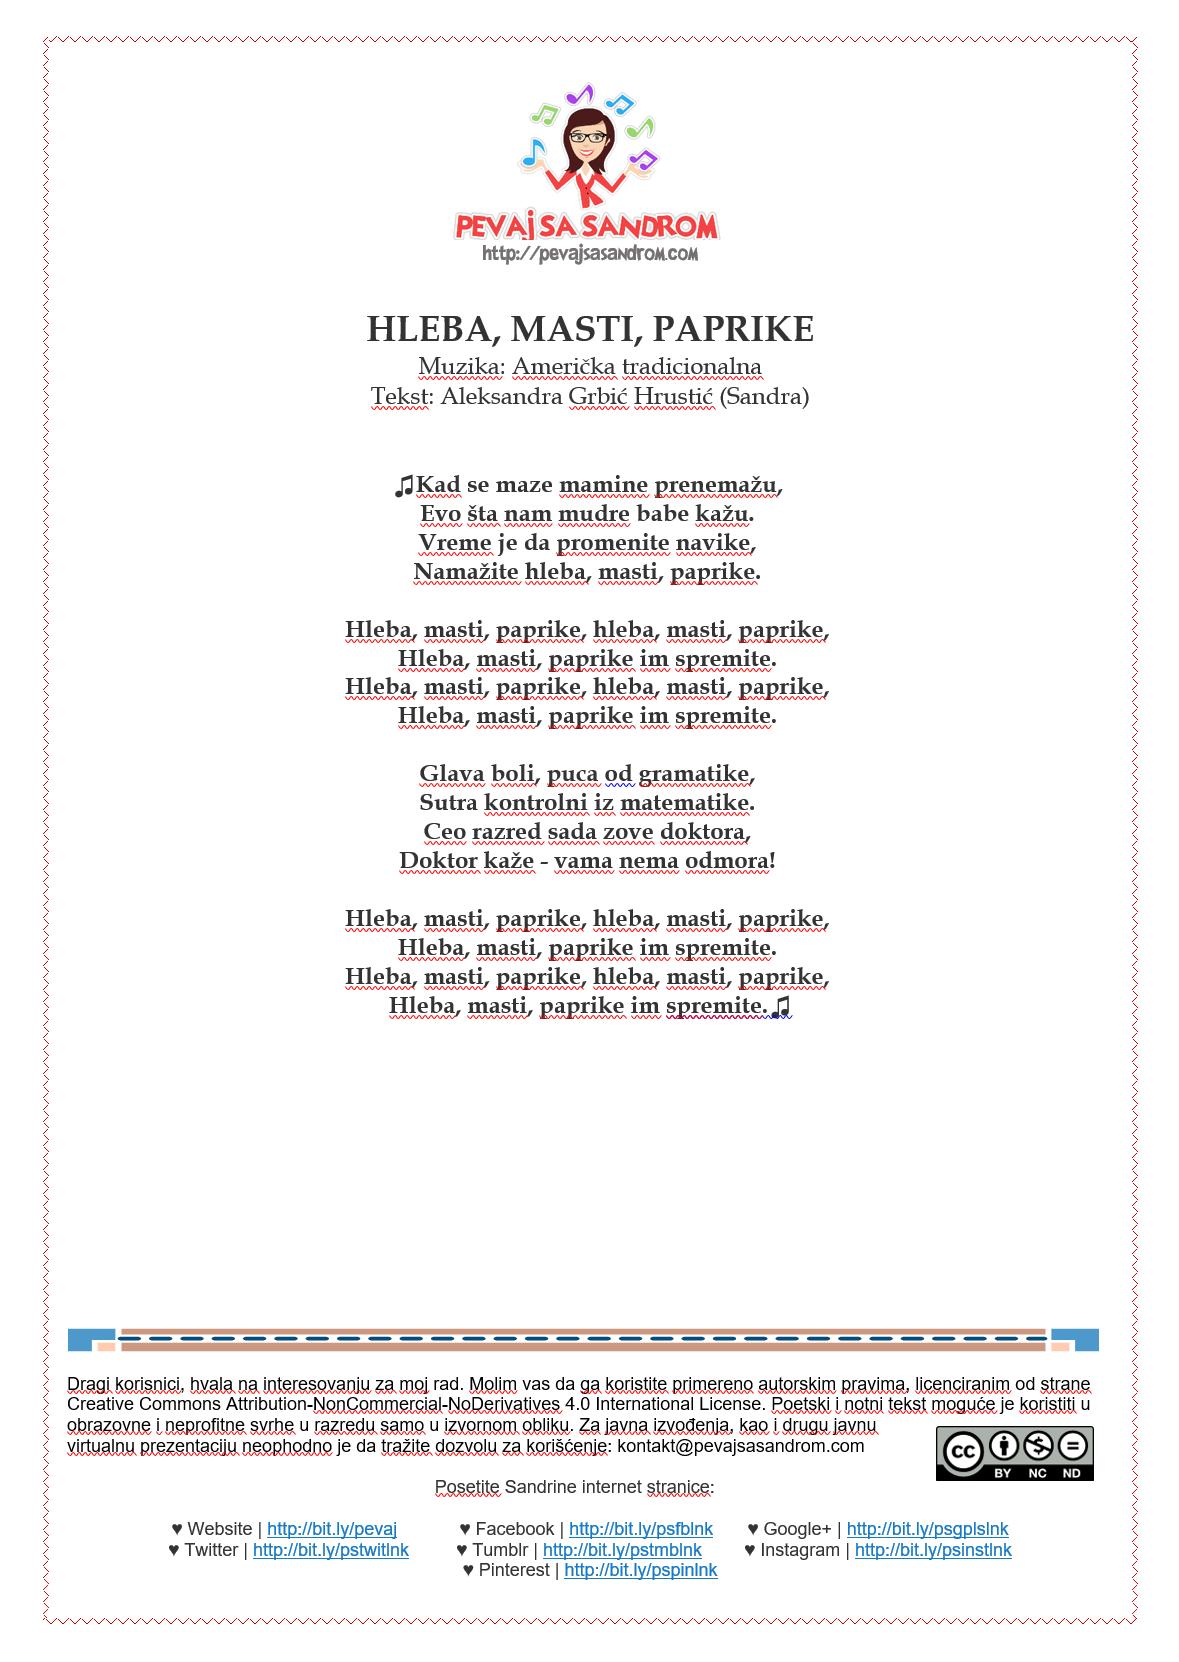 Tekst Pesme Hleba Masti Paprike Popularna Tradicionalna Americka Pesma Za Decu Shortnin Bread U Sandrinom Izvođenju I Novim Autorski Education Content